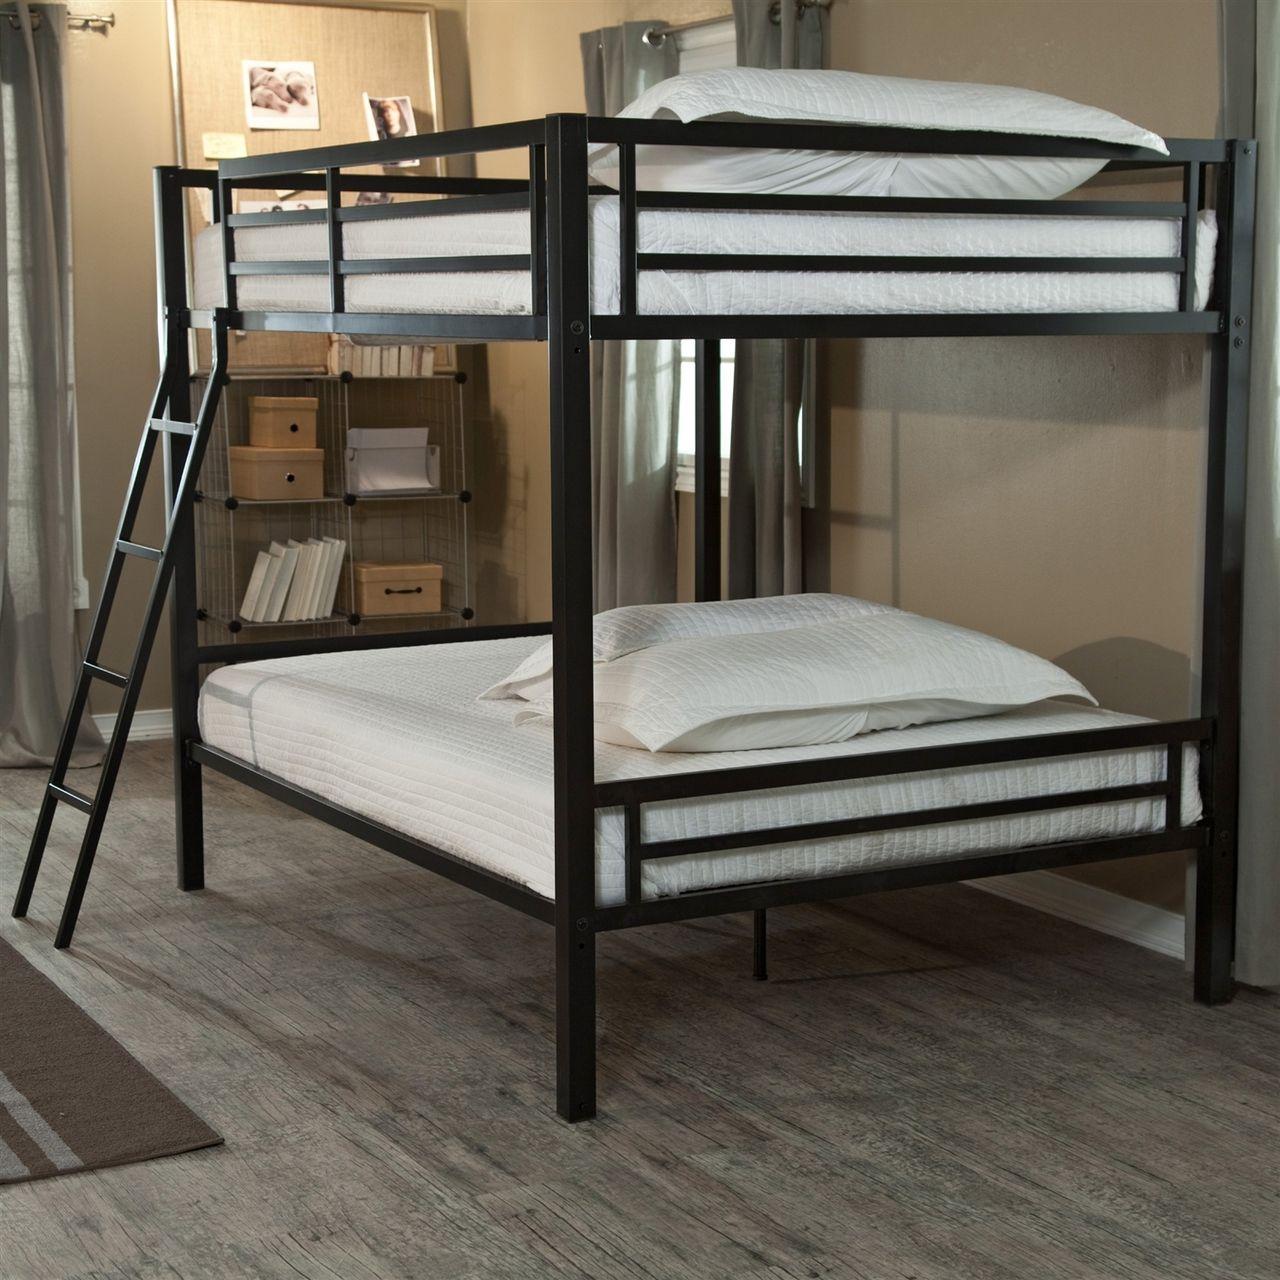 Full over Full Bunk Bed, Ladder, Safety Rails, Black Metal